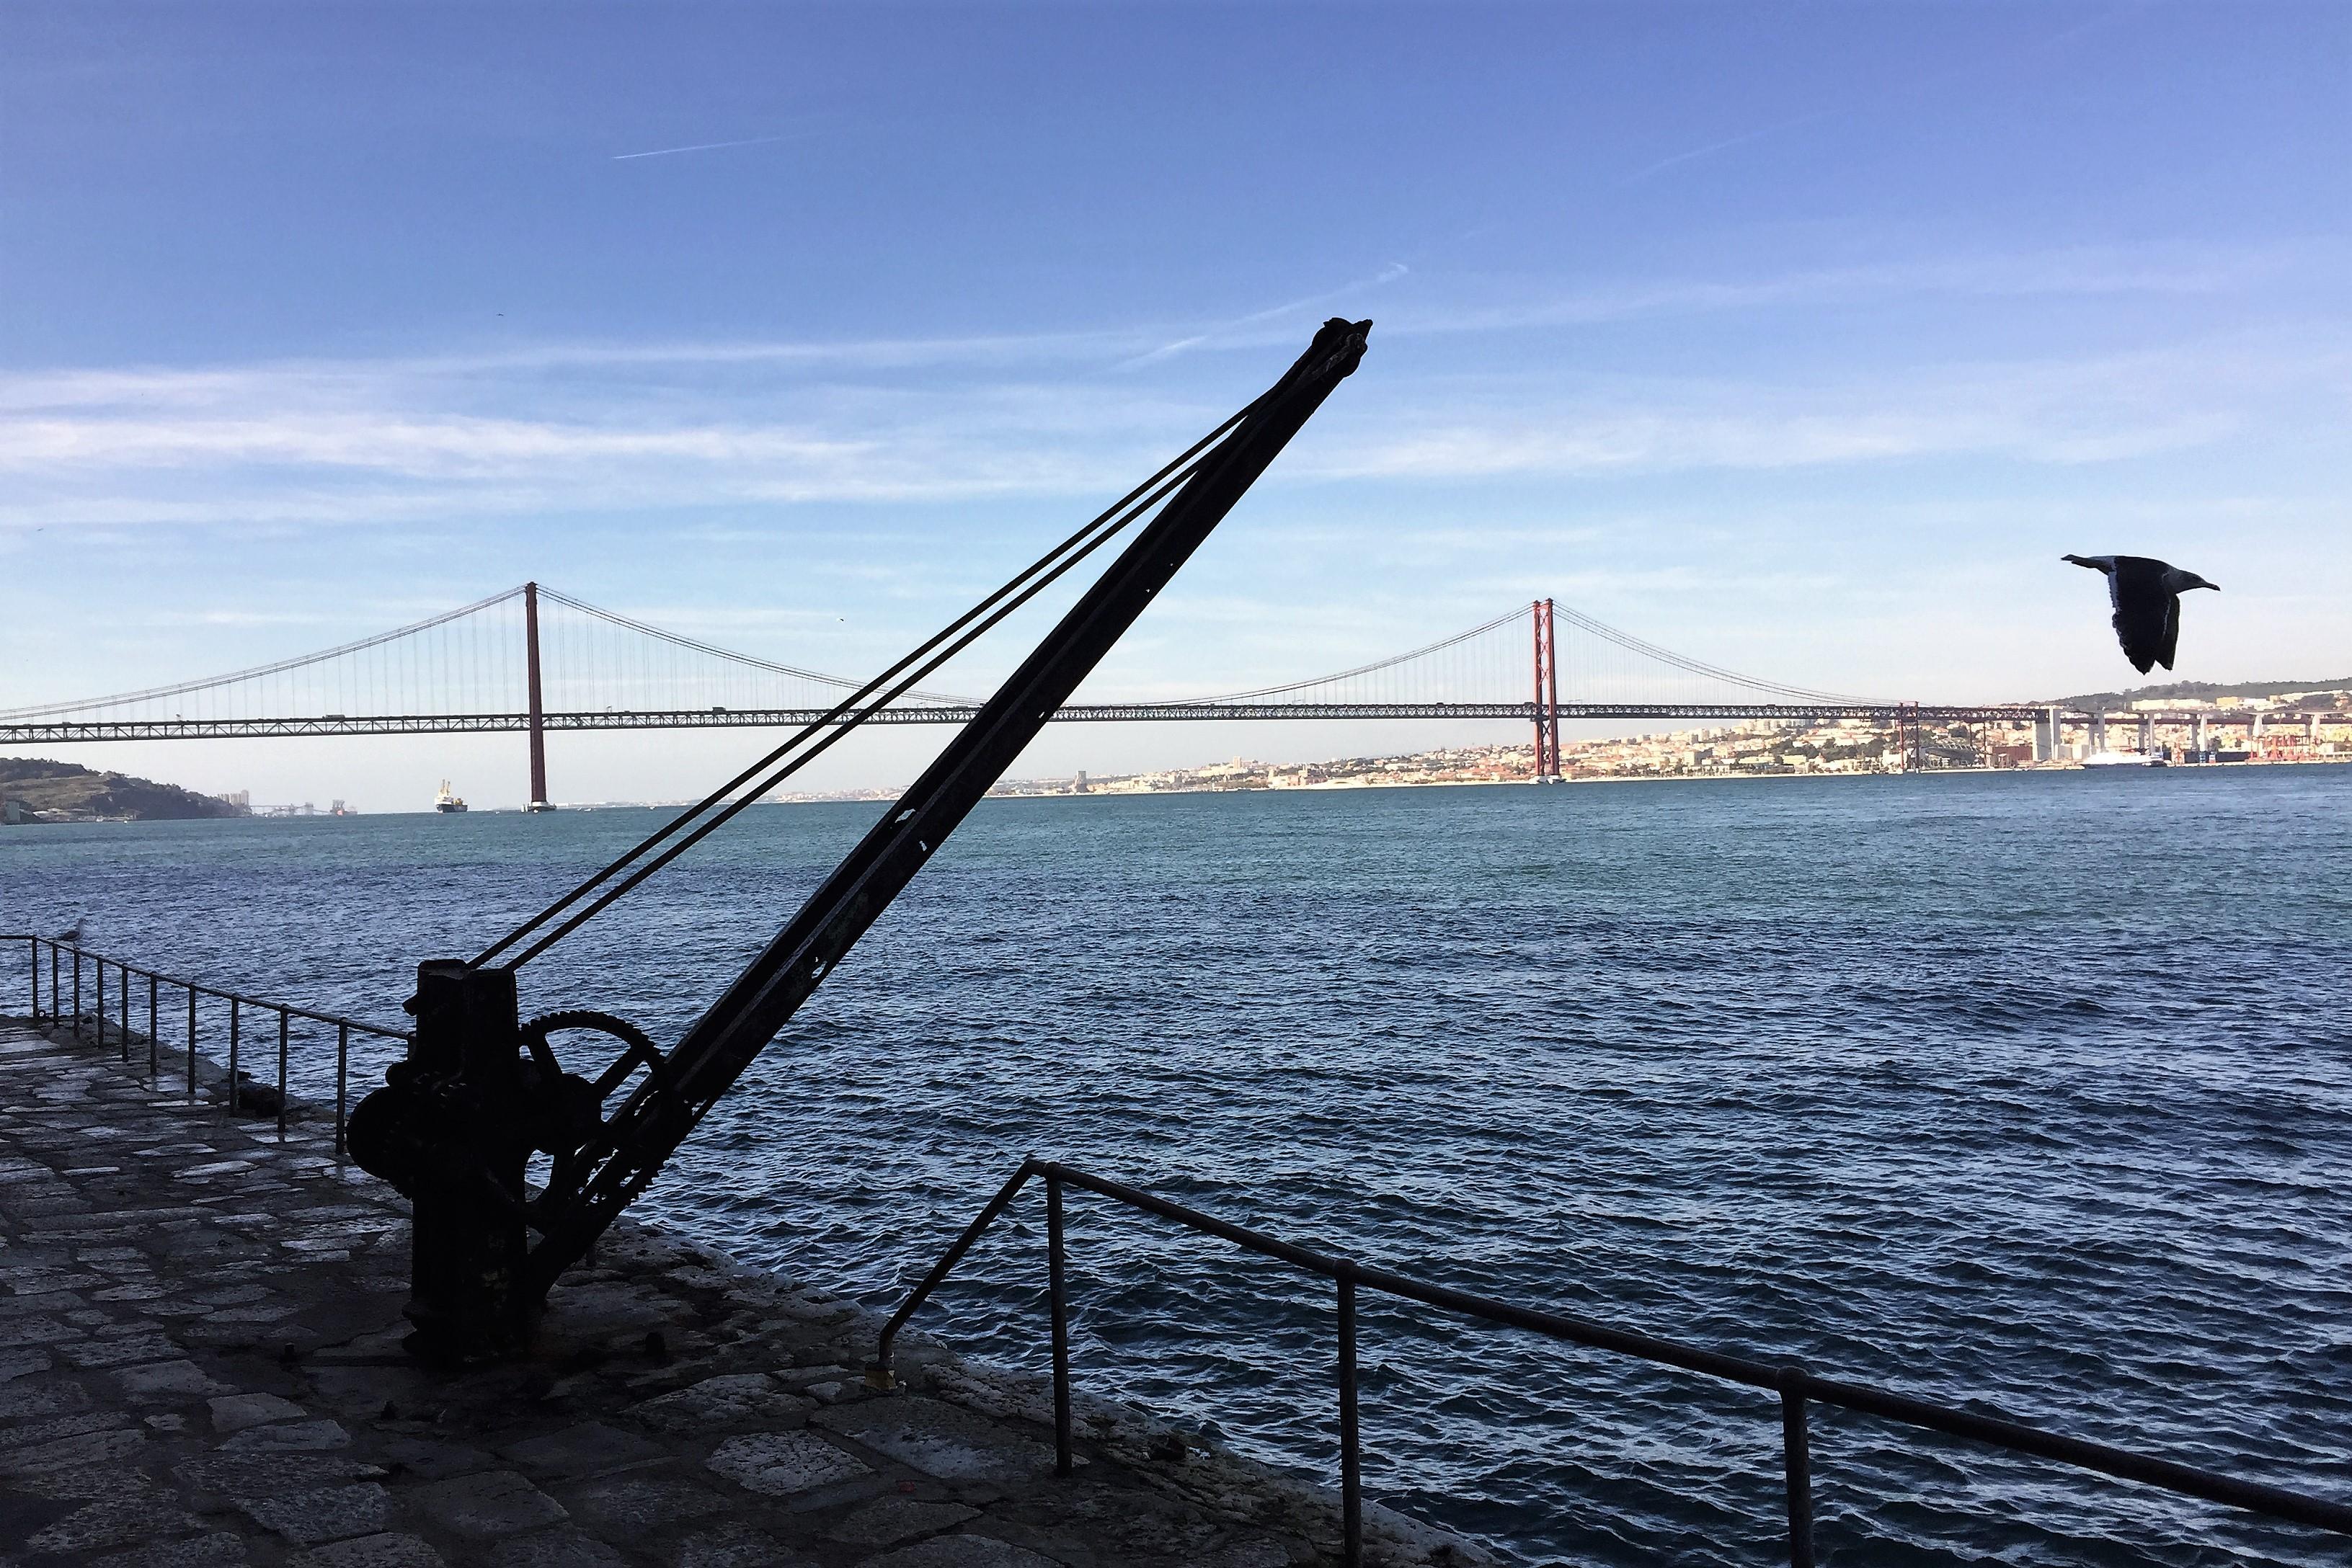 Algarve News Baufällige Brücke des 25. April in Lissabon über den Tejo